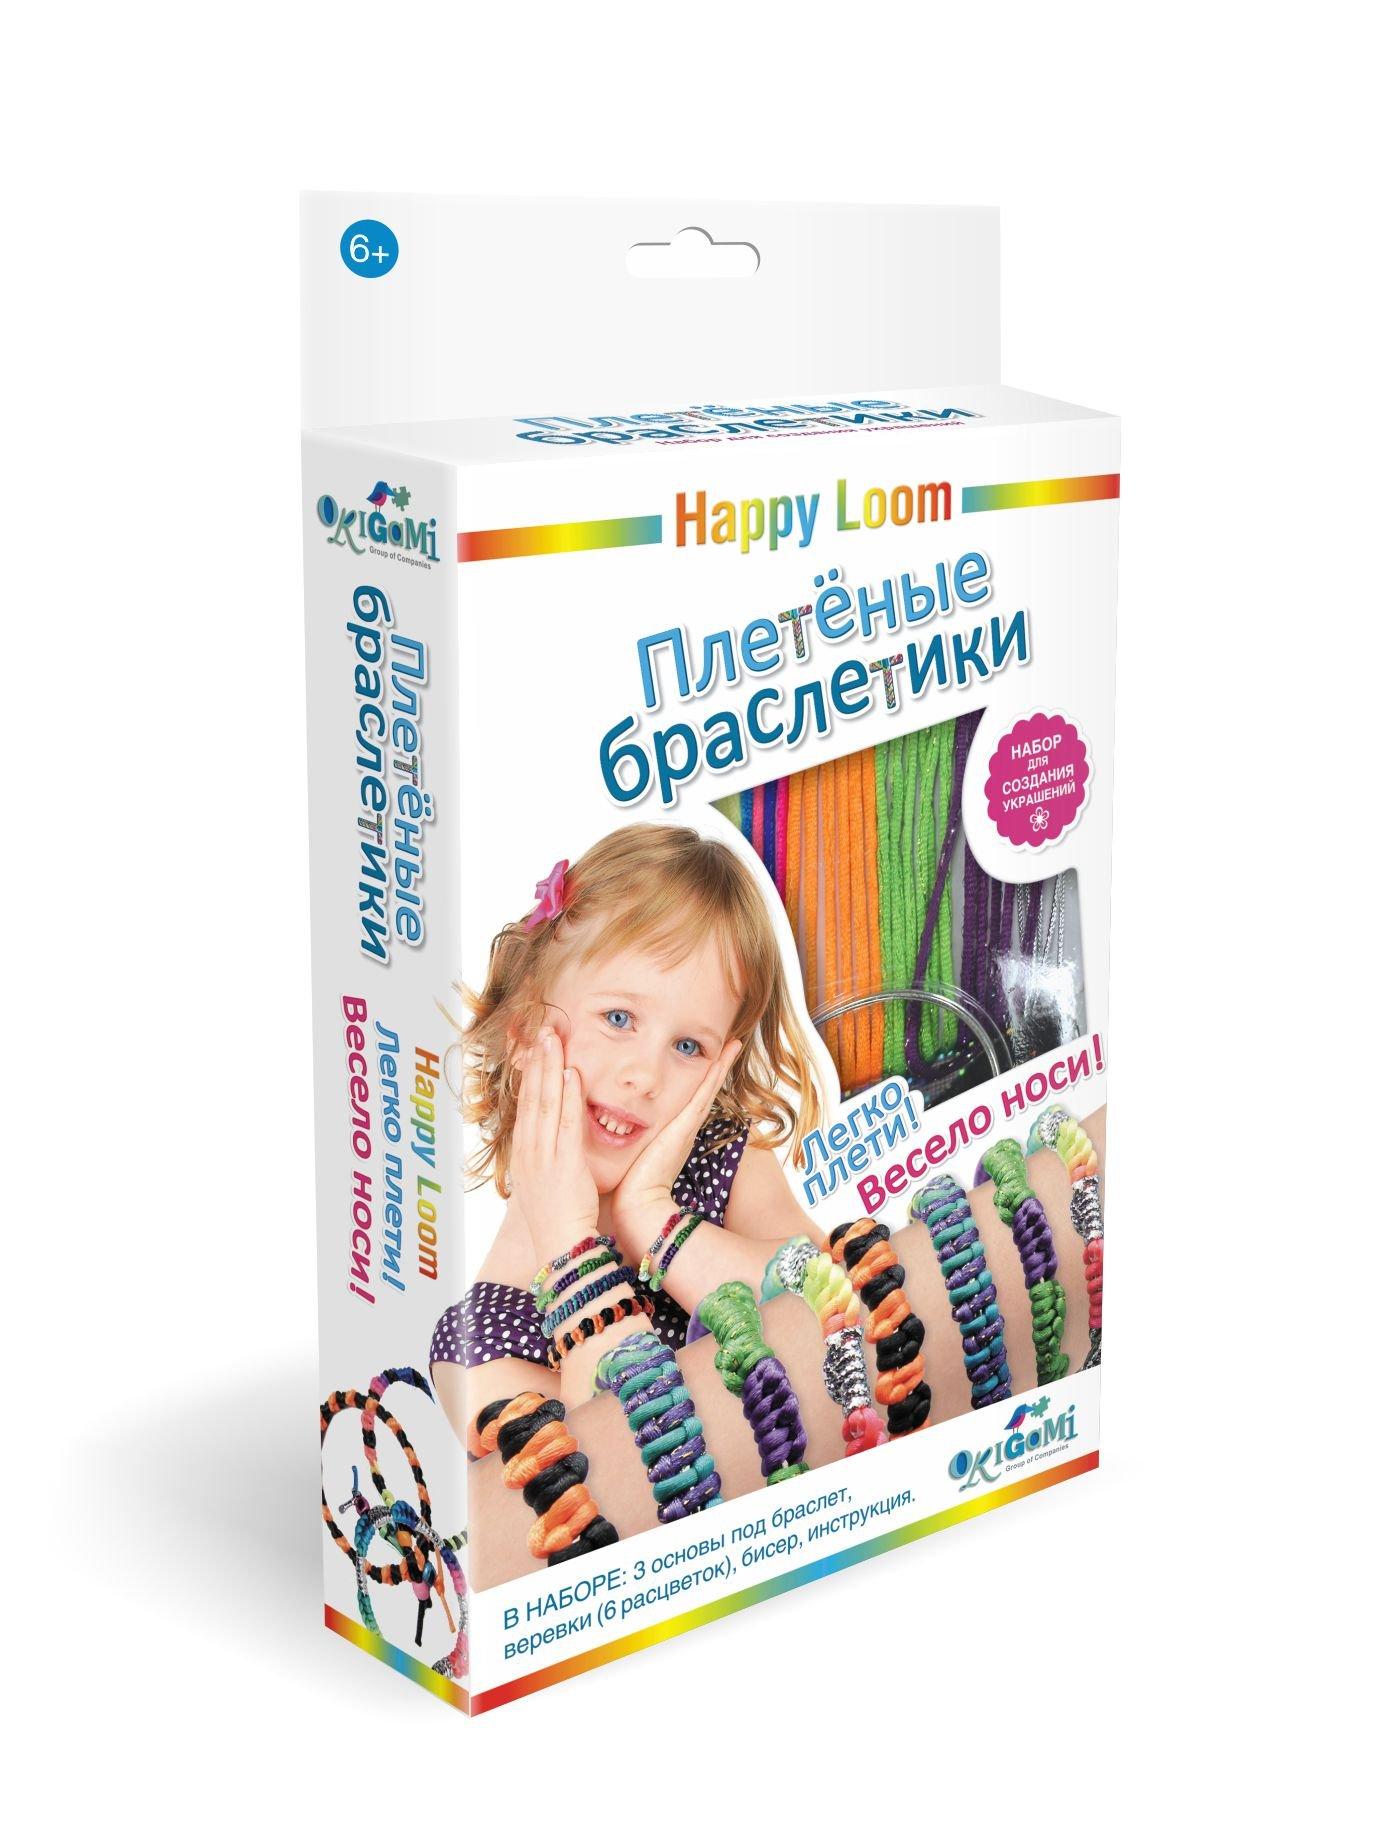 цена Стильные штучки. Набор для создания браслетов. Плетеные браслетики. арт. 01520 онлайн в 2017 году